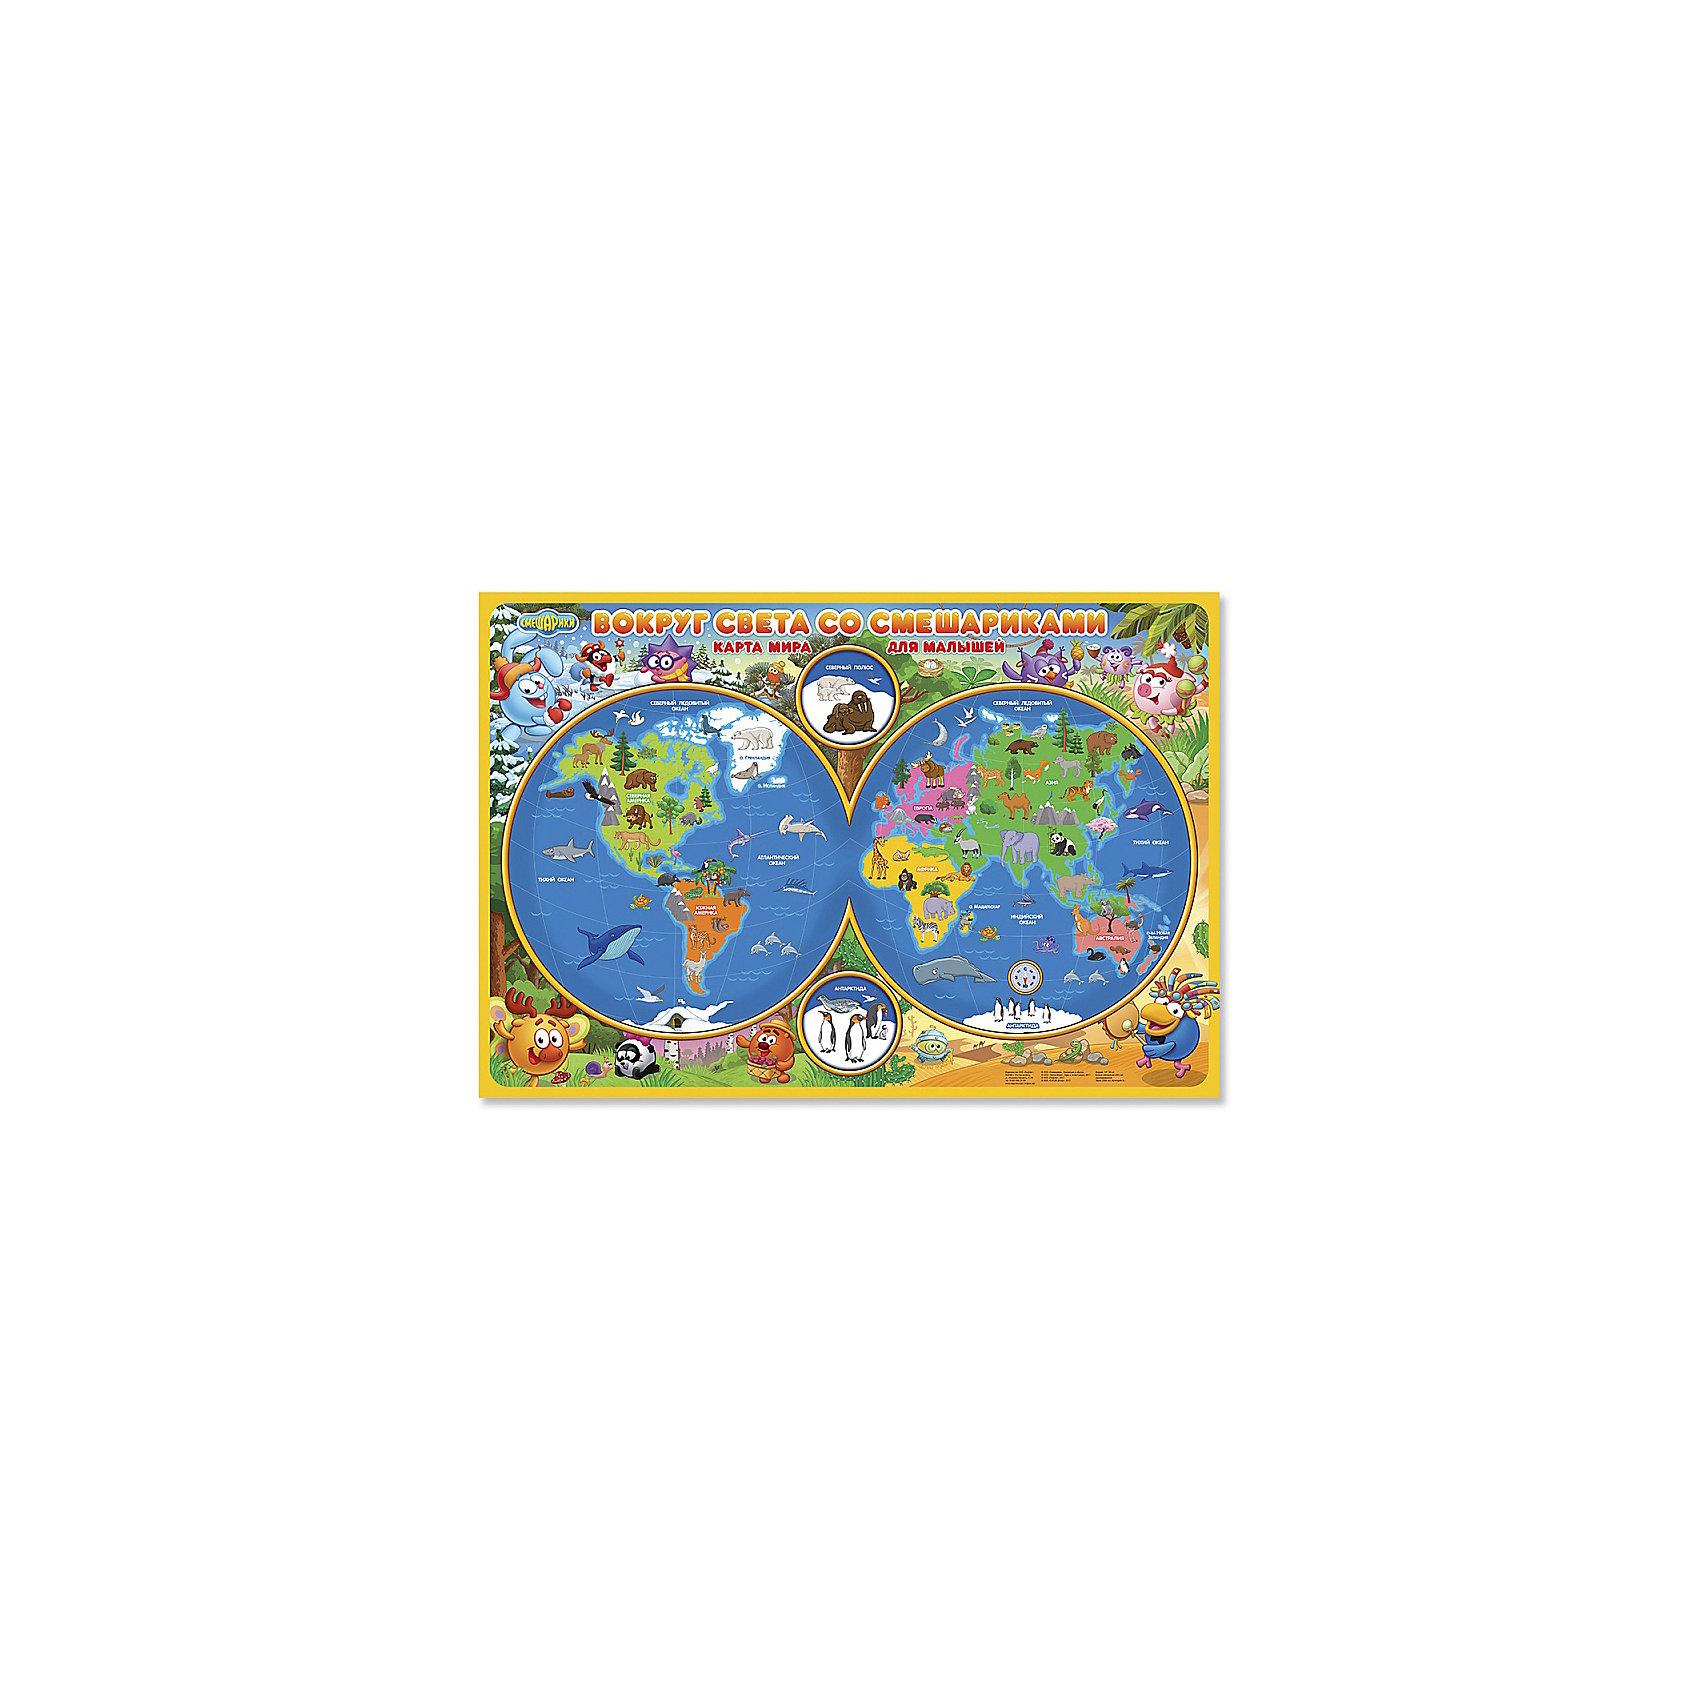 Карта мира для малышей Вокруг света со СмешарикамиАтласы и карты<br>Характеристики товара:<br><br>• возраст от 6 лет;<br>• материал: картон;<br>• размер карты 101х69 см;<br>• размер упаковки 73х4х4 см;<br>• вес упаковки 157 гр.;<br>• страна производитель: Россия.<br><br>Карта мира для малышей «Вокруг света со Смешариками» ГеоДом позволит малышам впервые познакомится с картой мира. Они отправятся в кругосветное путешествие с любимыми персонажами. По пути они познакомятся с удивительным миром животных и растений, материками и глубокими океанами.<br><br>Карту мира для малышей «Вокруг света со Смешариками» ГеоДом можно приобрести в нашем интернет-магазине.<br><br>Ширина мм: 730<br>Глубина мм: 40<br>Высота мм: 40<br>Вес г: 157<br>Возраст от месяцев: 72<br>Возраст до месяцев: 2147483647<br>Пол: Унисекс<br>Возраст: Детский<br>SKU: 5518197